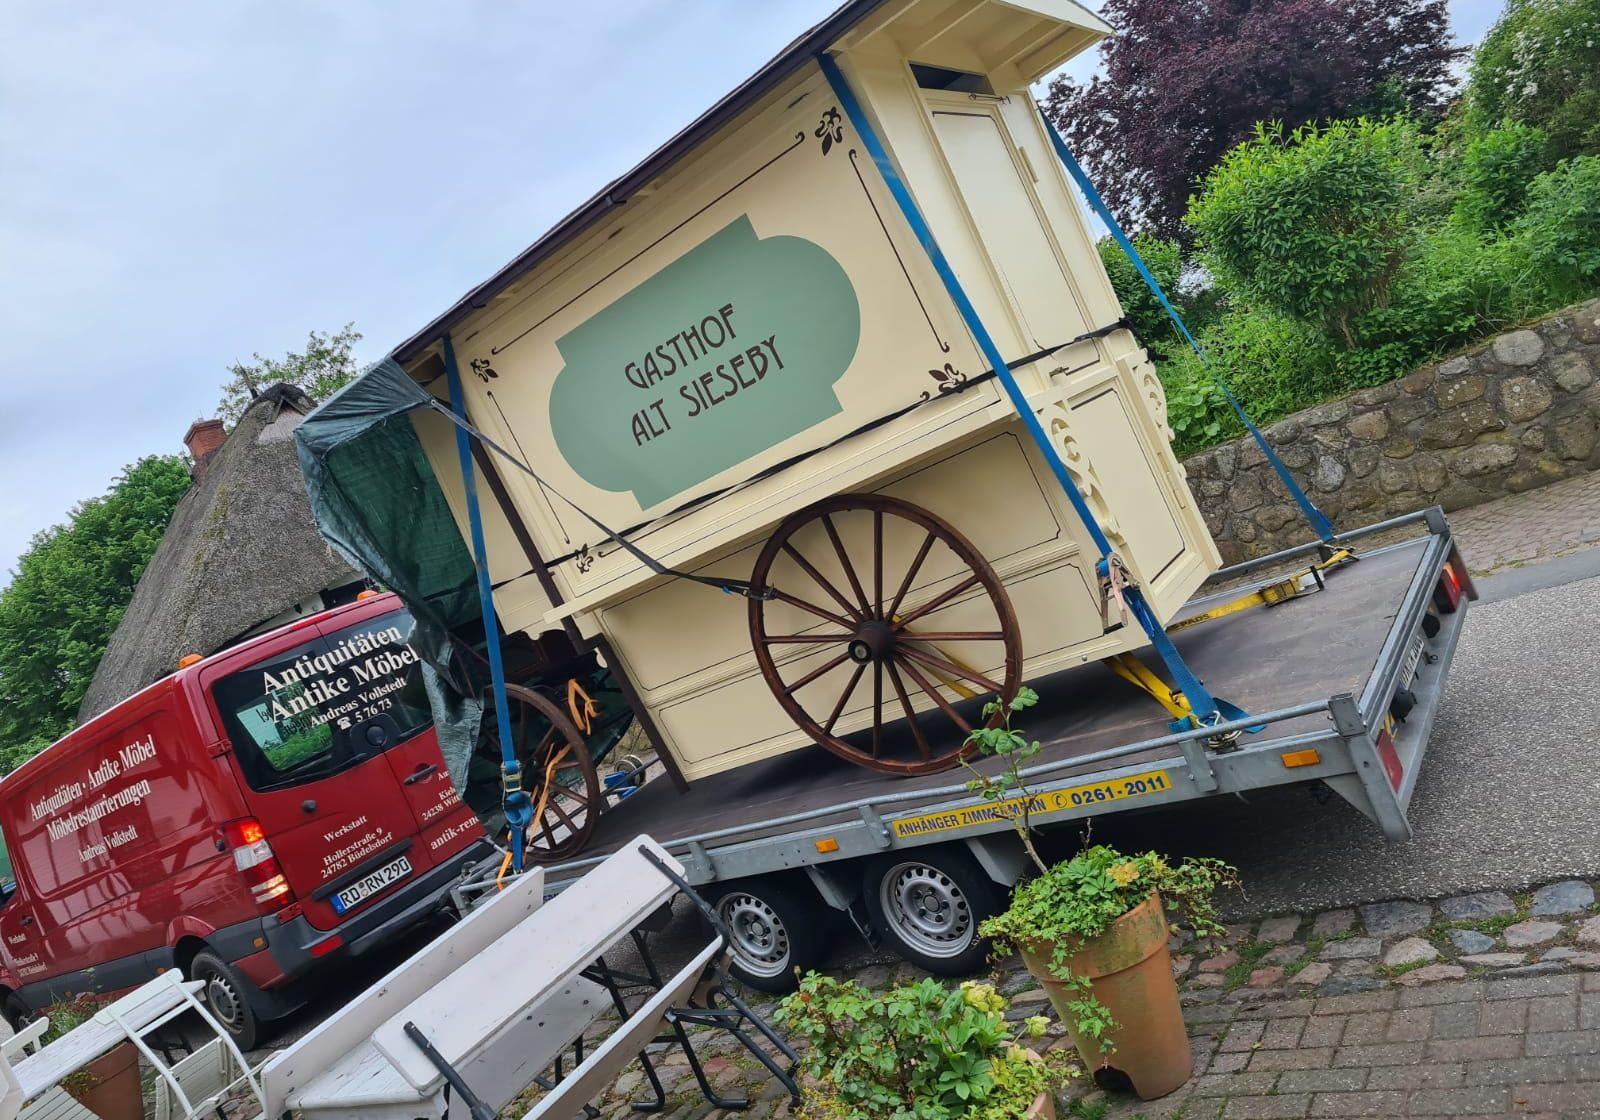 Die Kutsche vom Gasthof Alt Sieseby